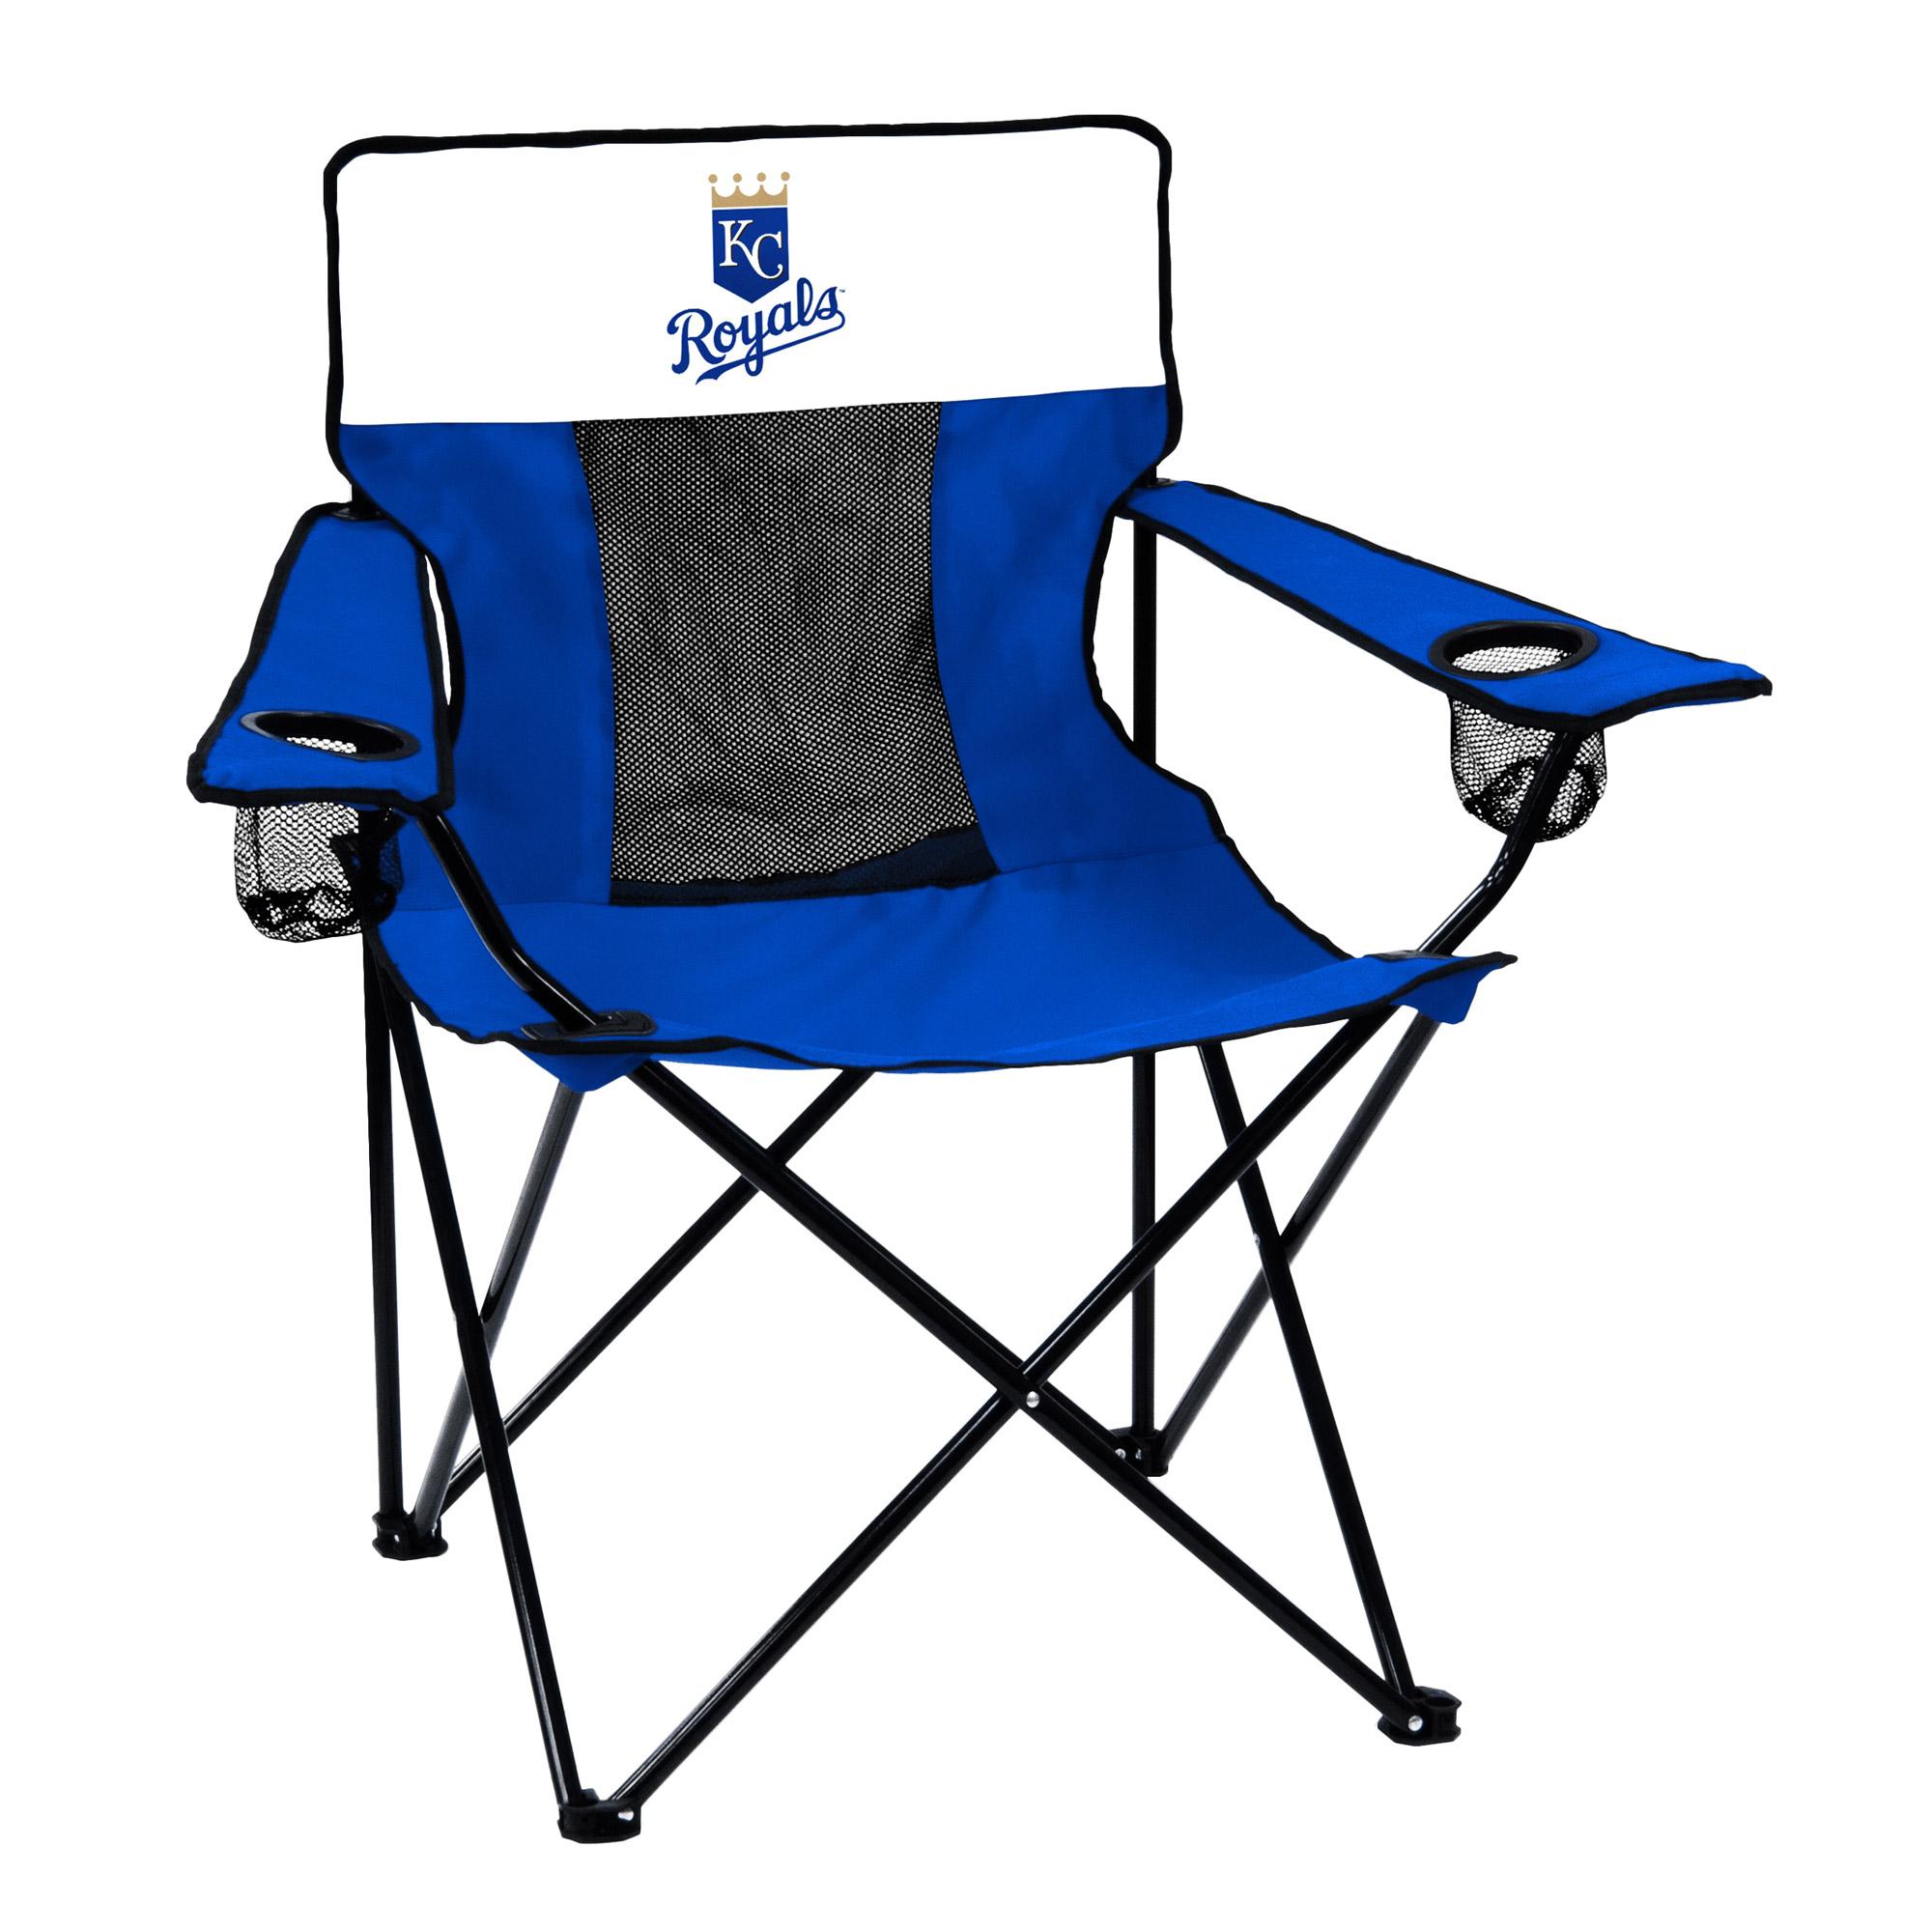 K.C. Royals Elite Chair